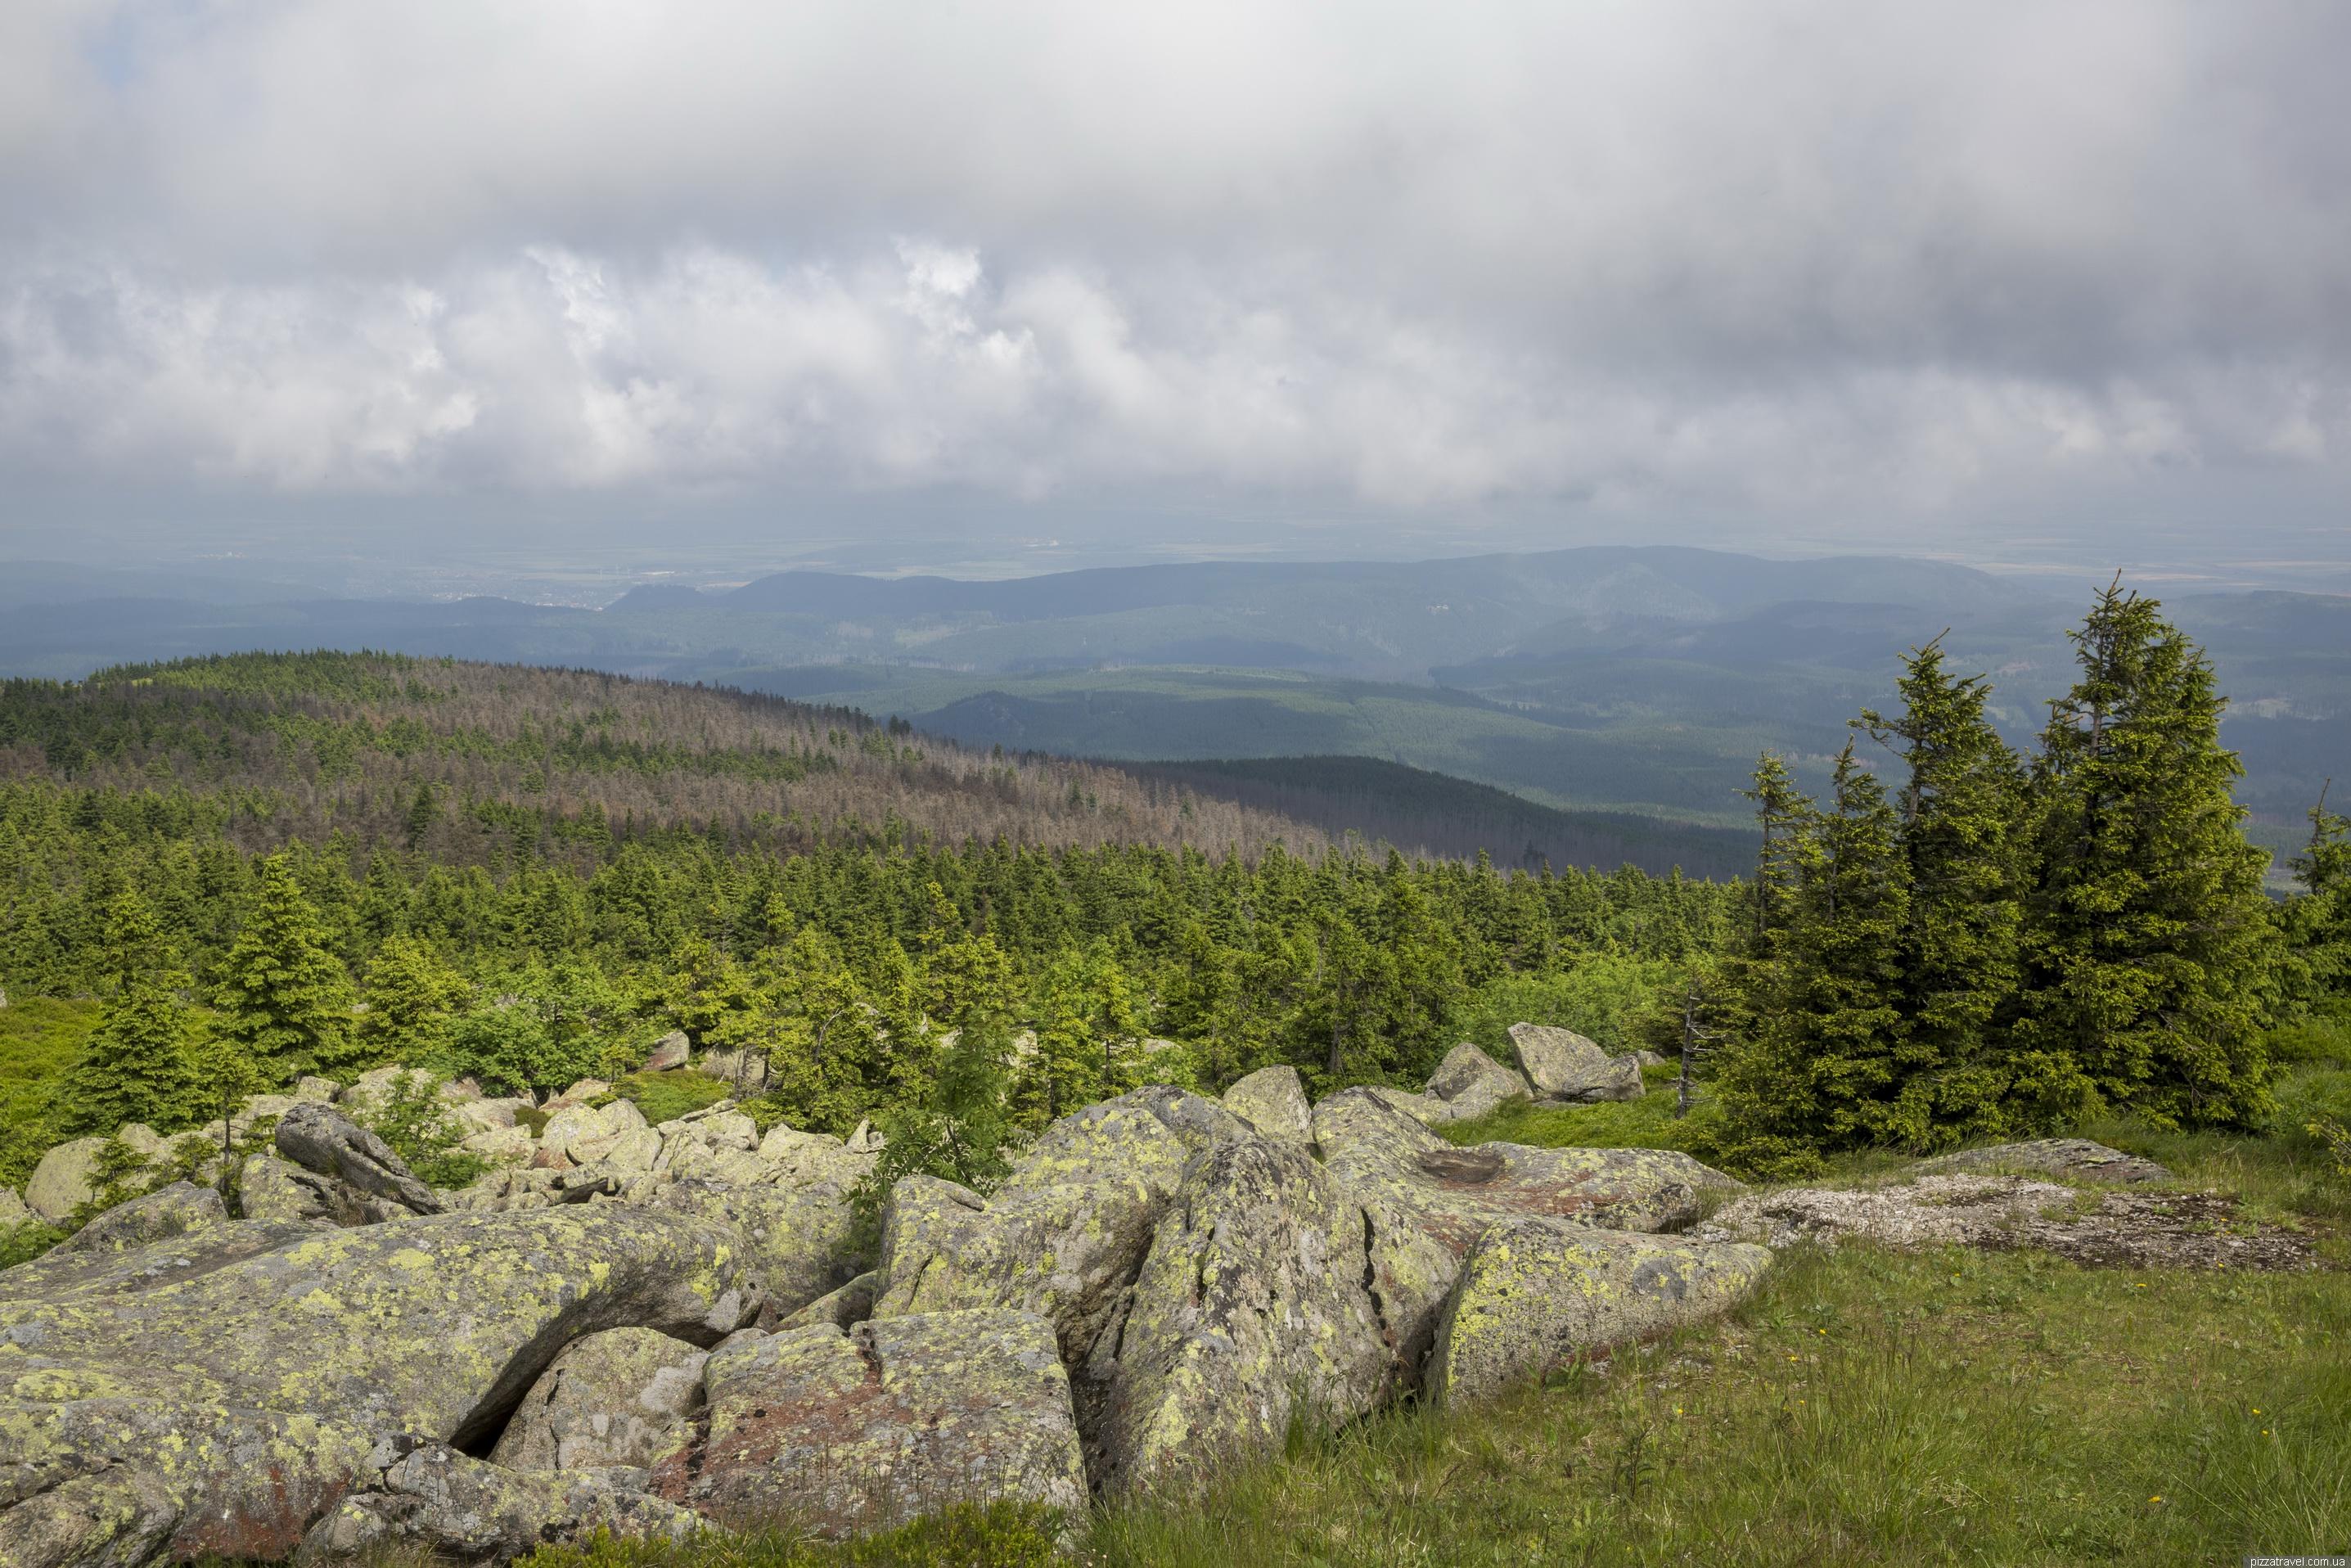 это фото гора брокен дал большое интервью